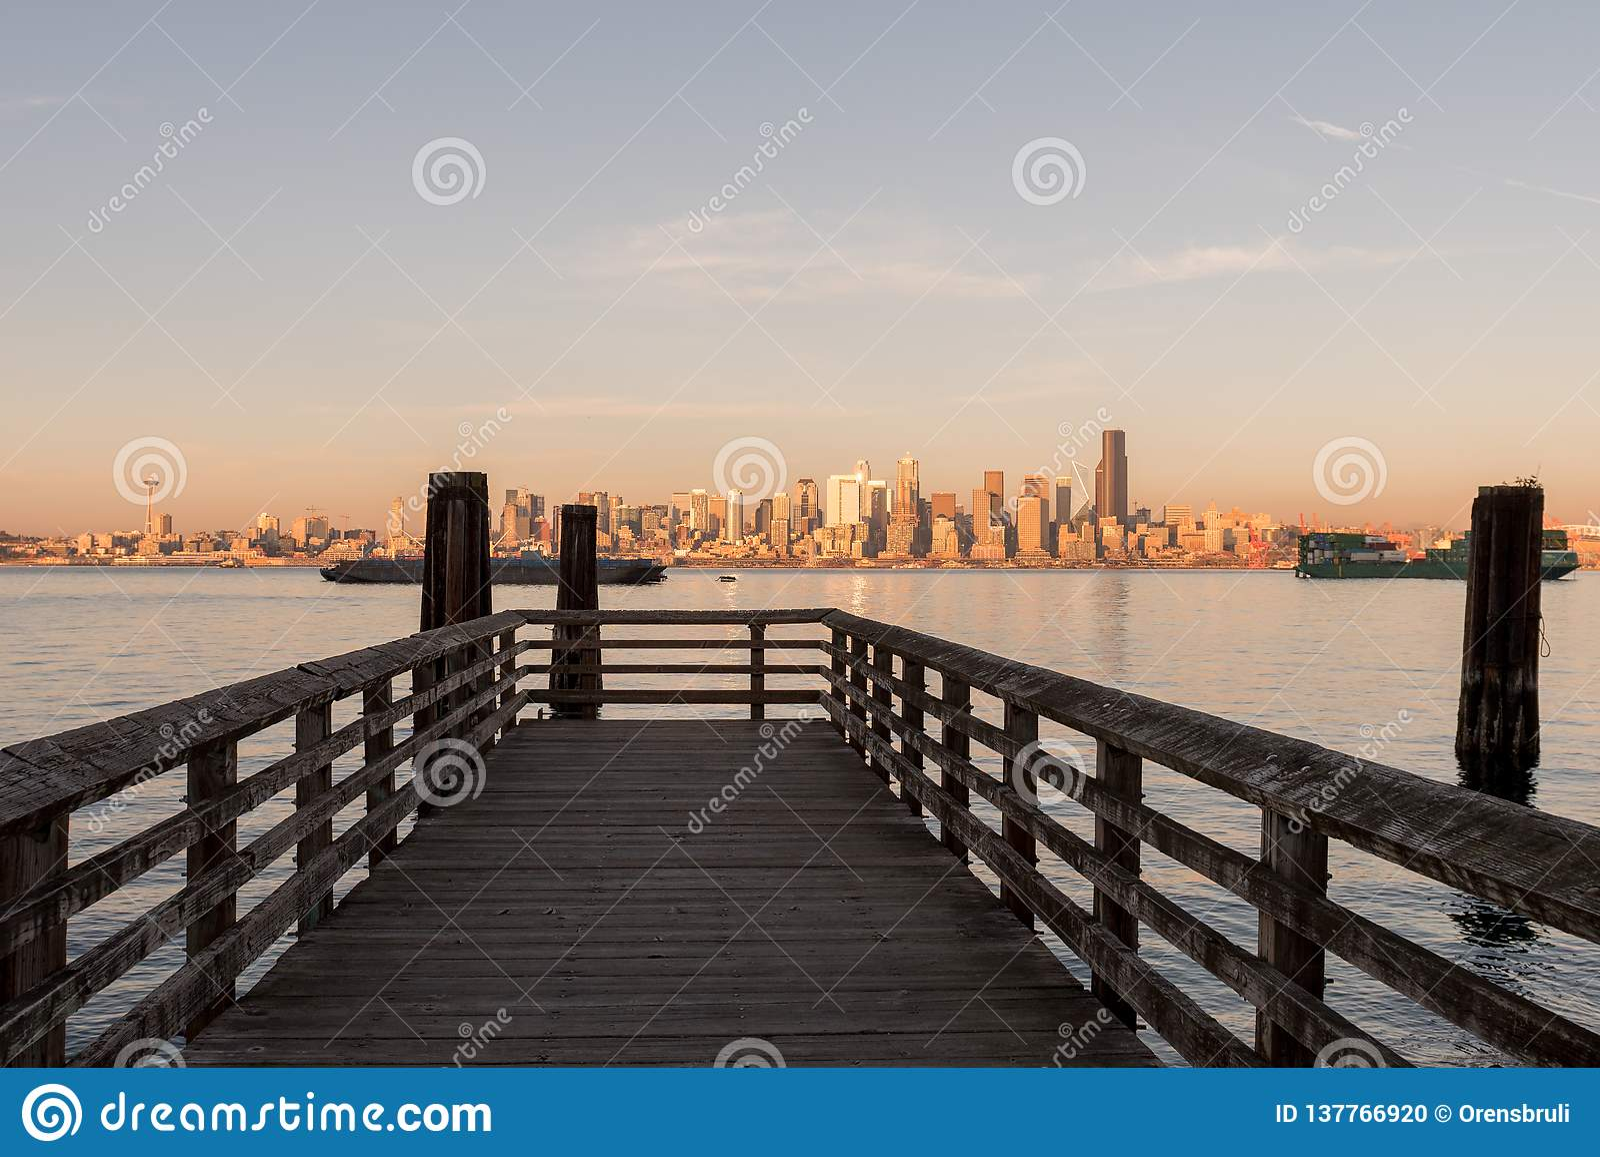 Αποβάθρα στον κόλπο του Σιάτλ με το φως ηλιοβασιλέματος πέρα από τους στο κέντρο της πόλης ουρανοξύστες στο υπόβαθρο, Ουάσιγκτον,